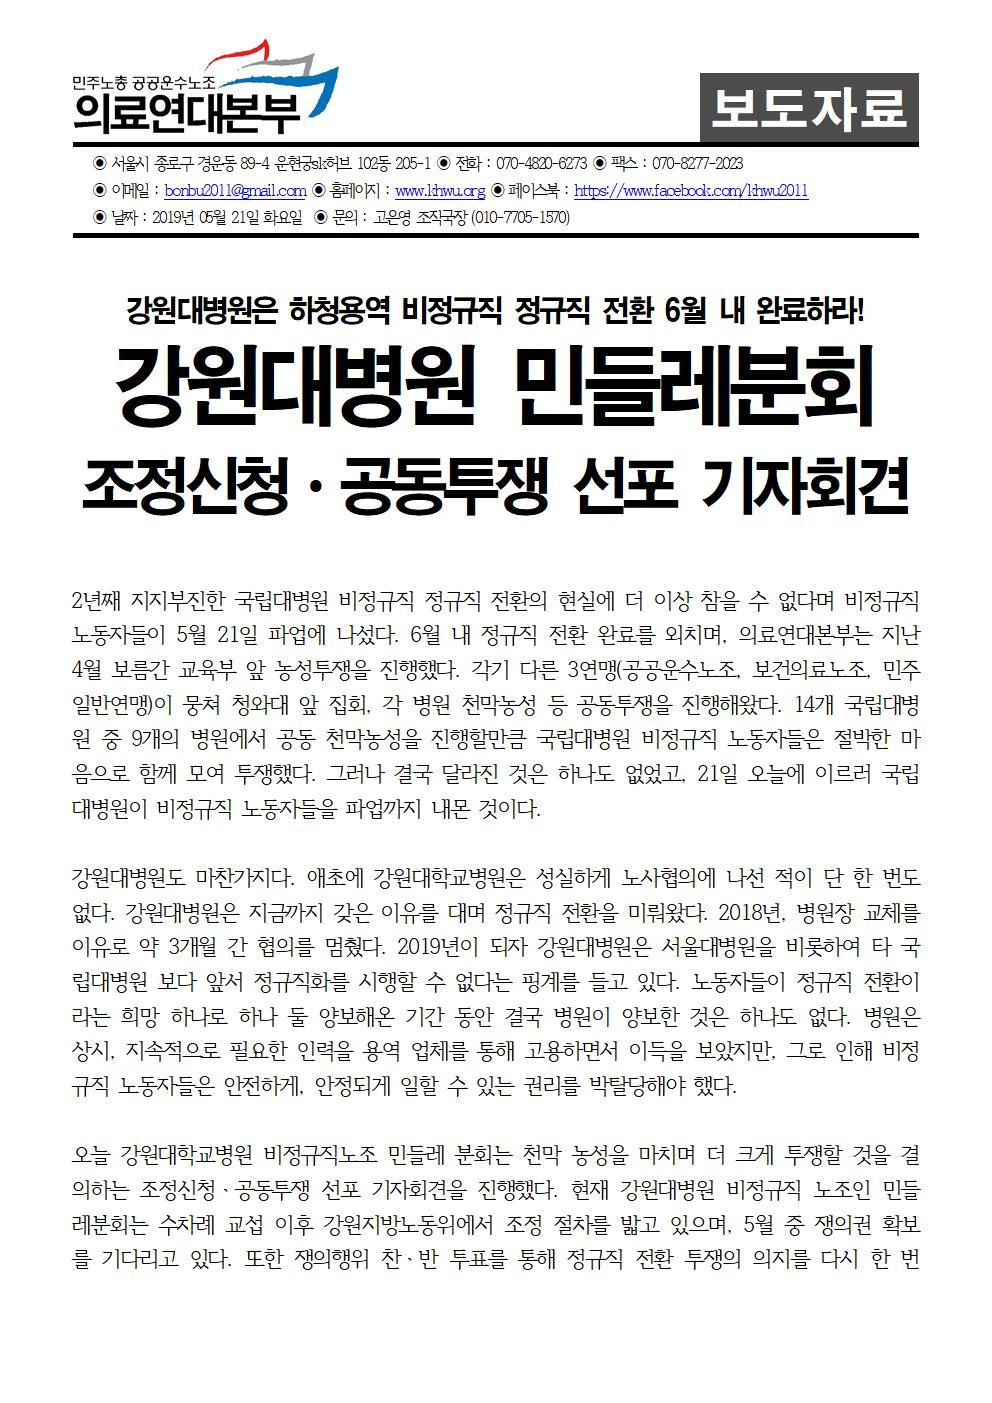 20190521_[보도자료]_강원대병원_민들레분회_조정신청_공동투쟁001.jpg